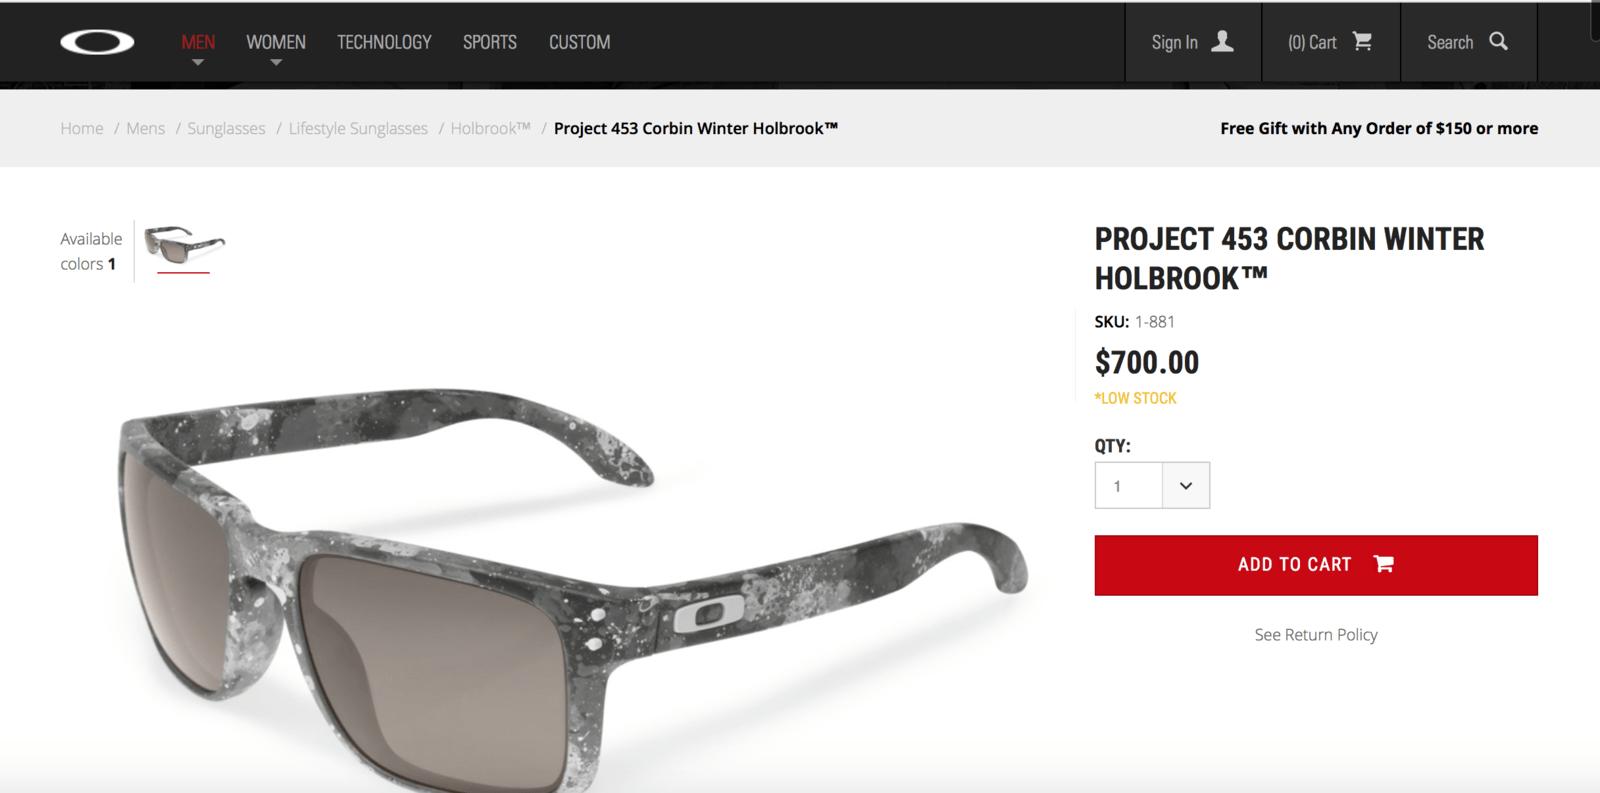 Oakley Project 453 Corbin Winter Holbrook™ $700 - Oakley_Project_453_Corbin_Winter_Holbrook_Website.png